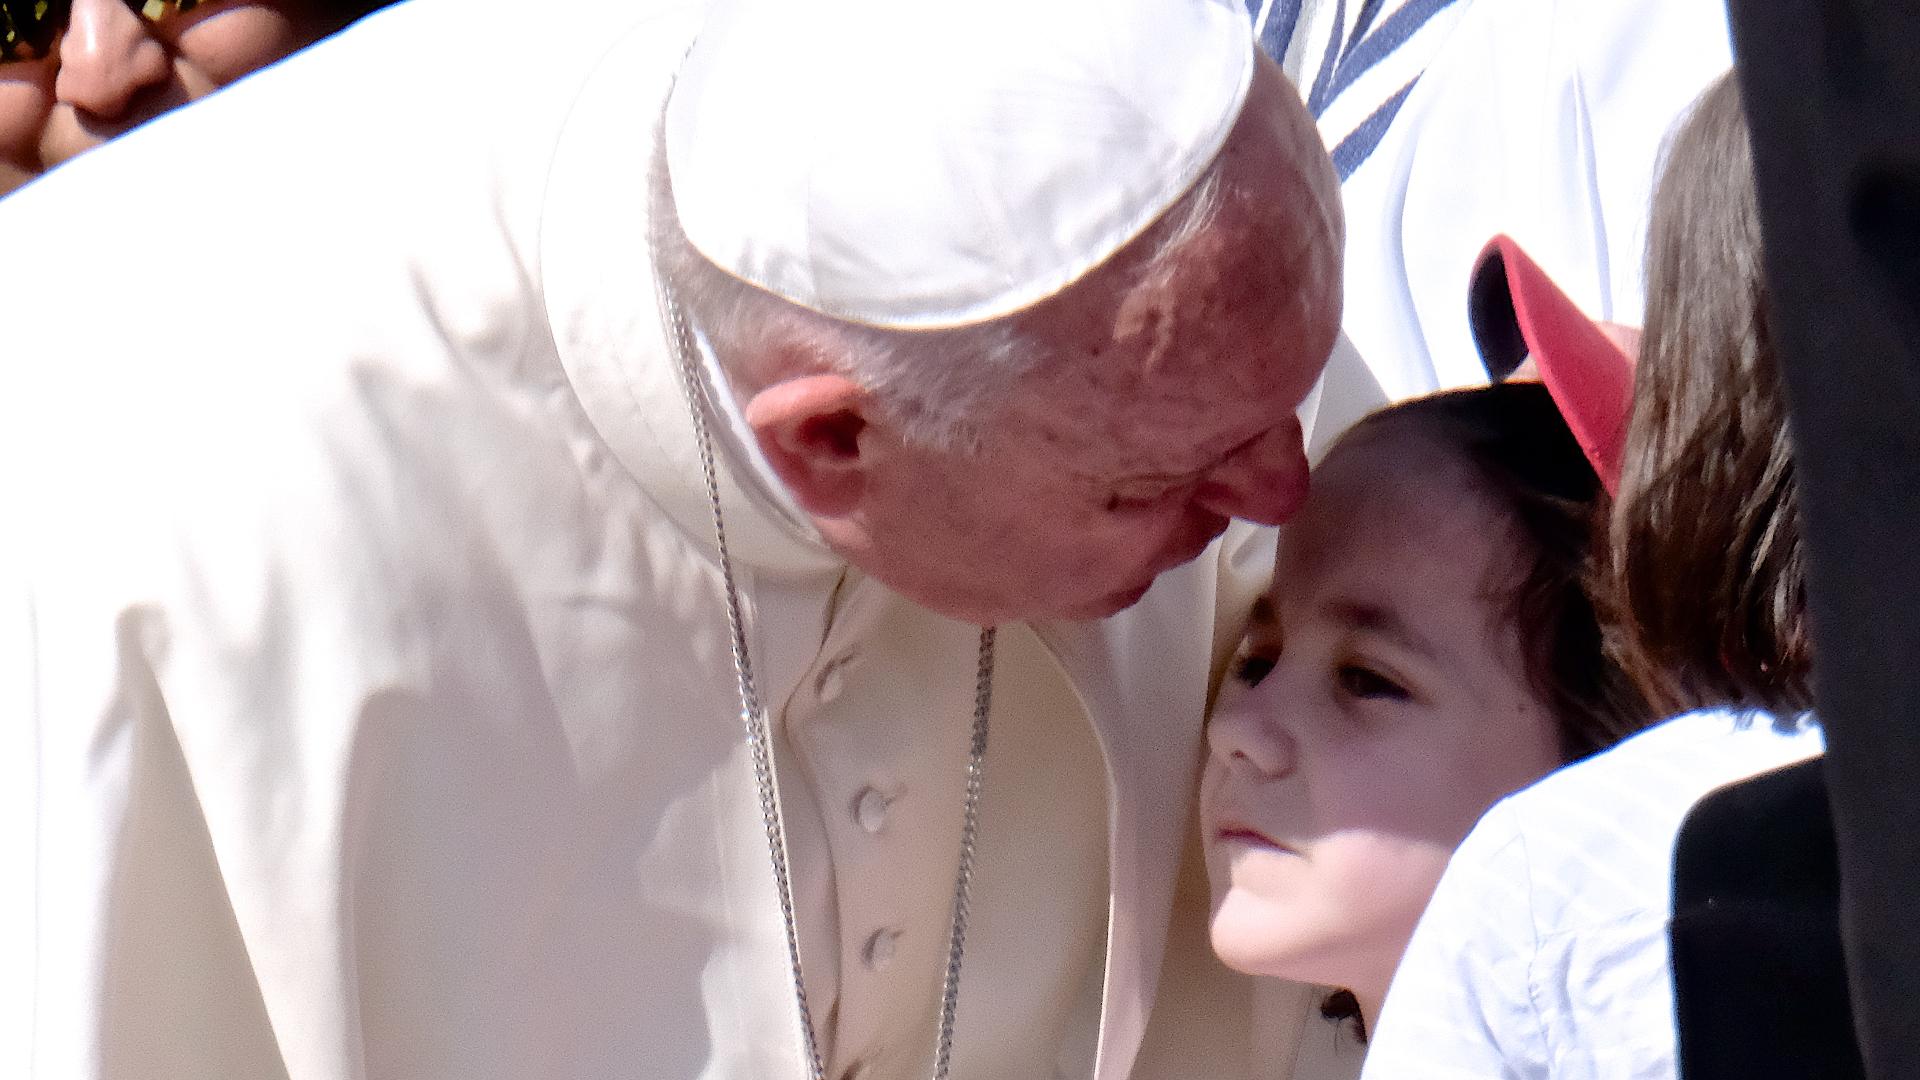 Papst Franziskus begrüsst an der Jugendsynode ein Mädchen | © Oliver Sittel